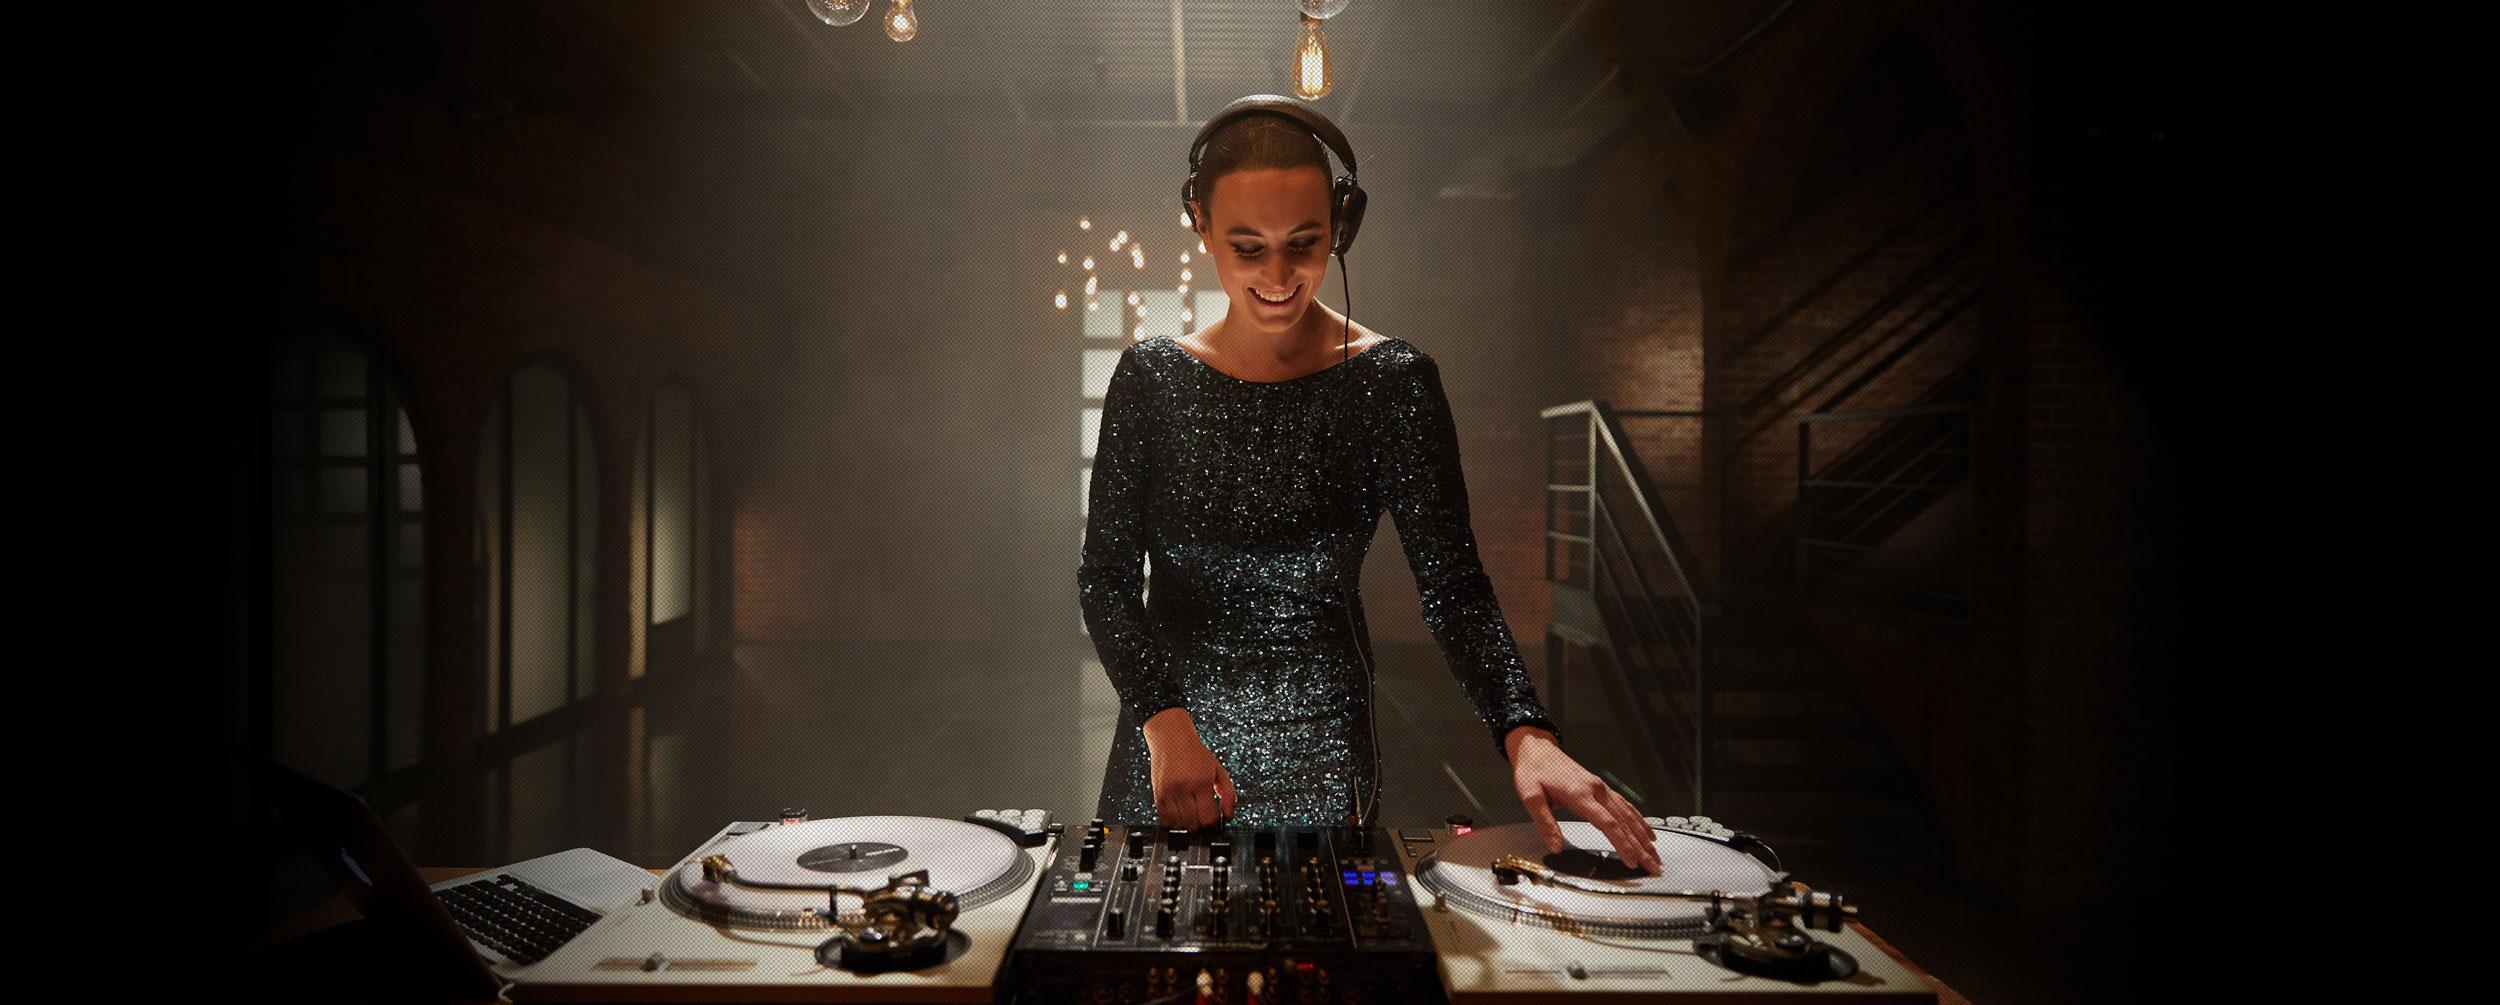 ÉLAN DJS